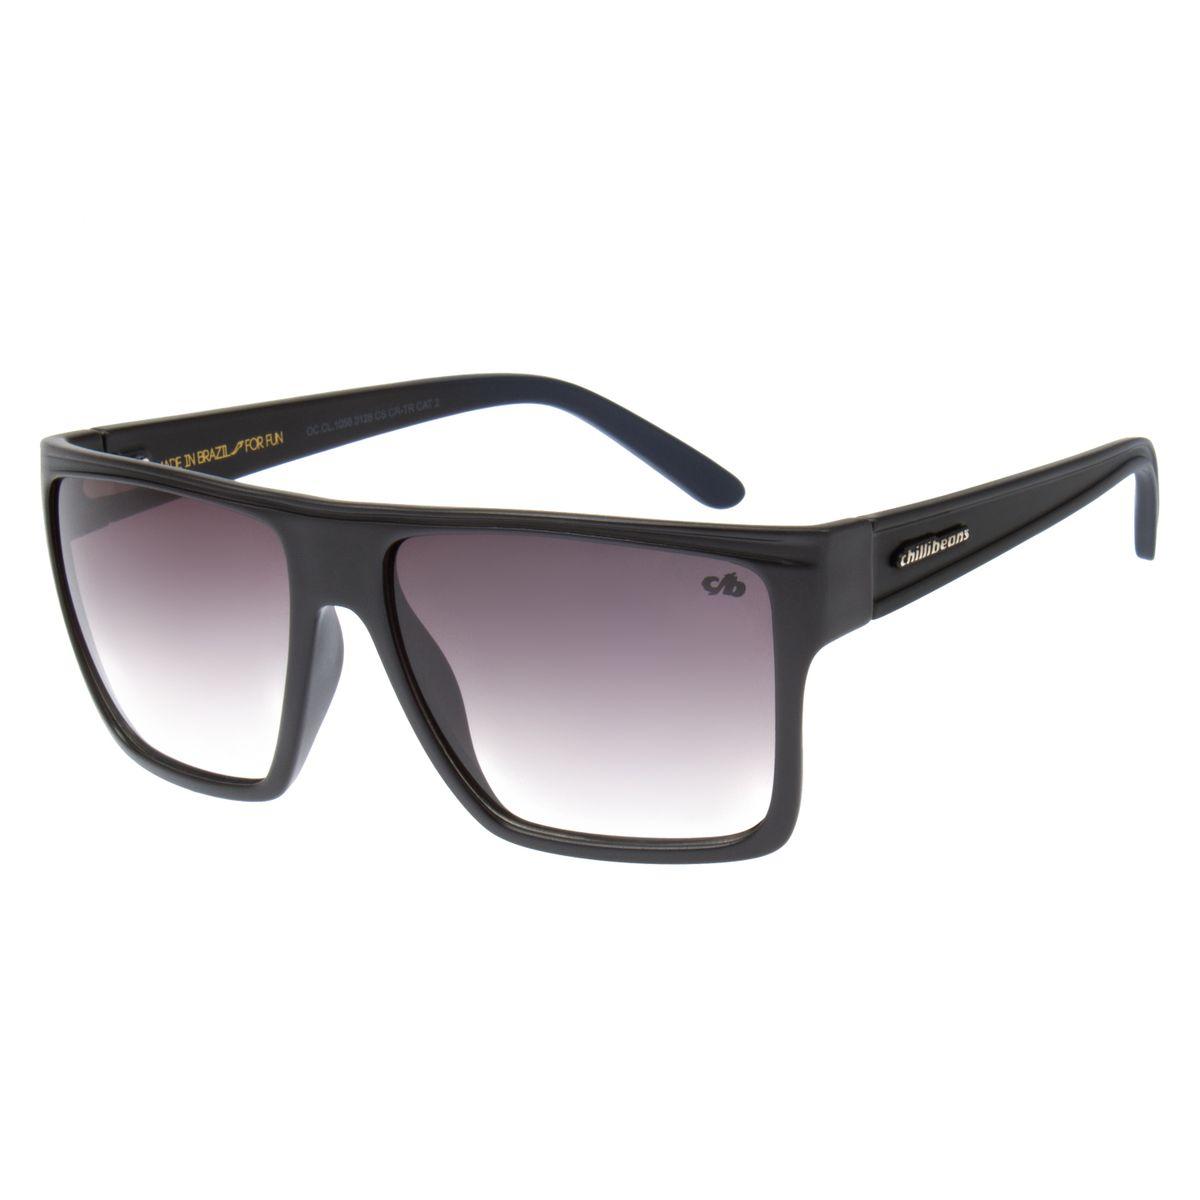 3d6d98ce0 Óculos de Sol Unissex Chilli Beans Cinza 1058 - Chilli Beans